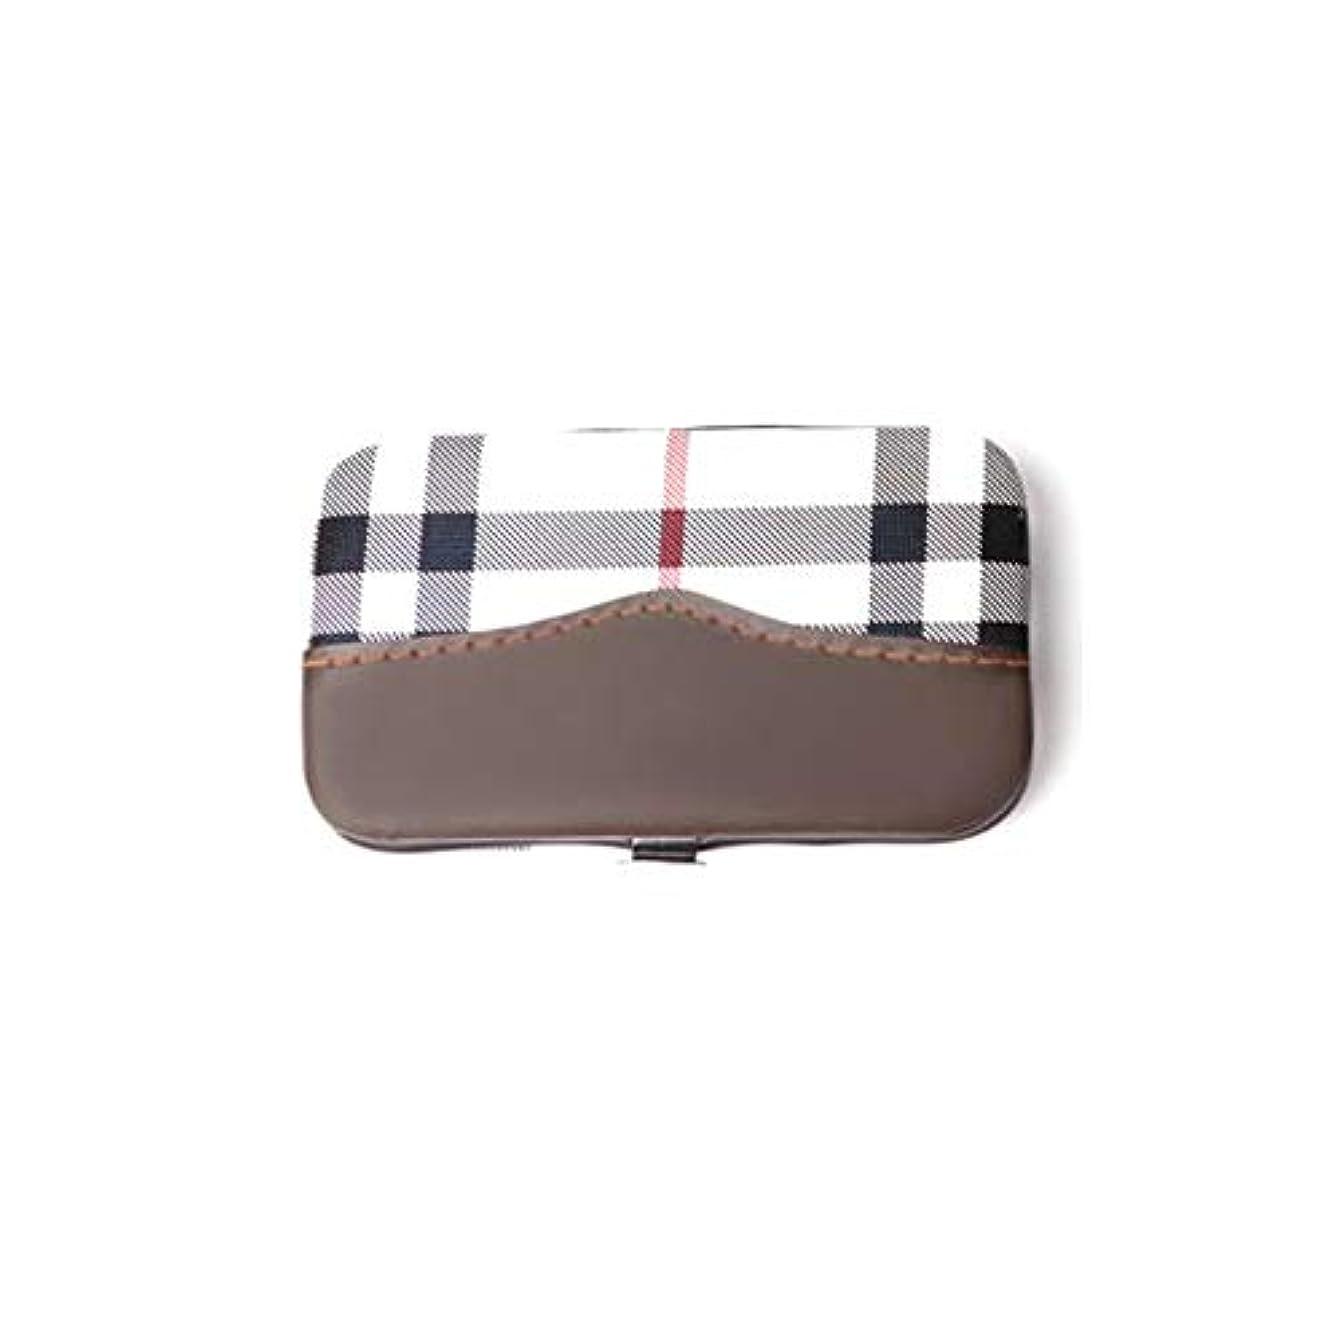 牛肉パース同じ爪切りセット多機能 美容セット携帯便利 収納ケース付き、6点セット